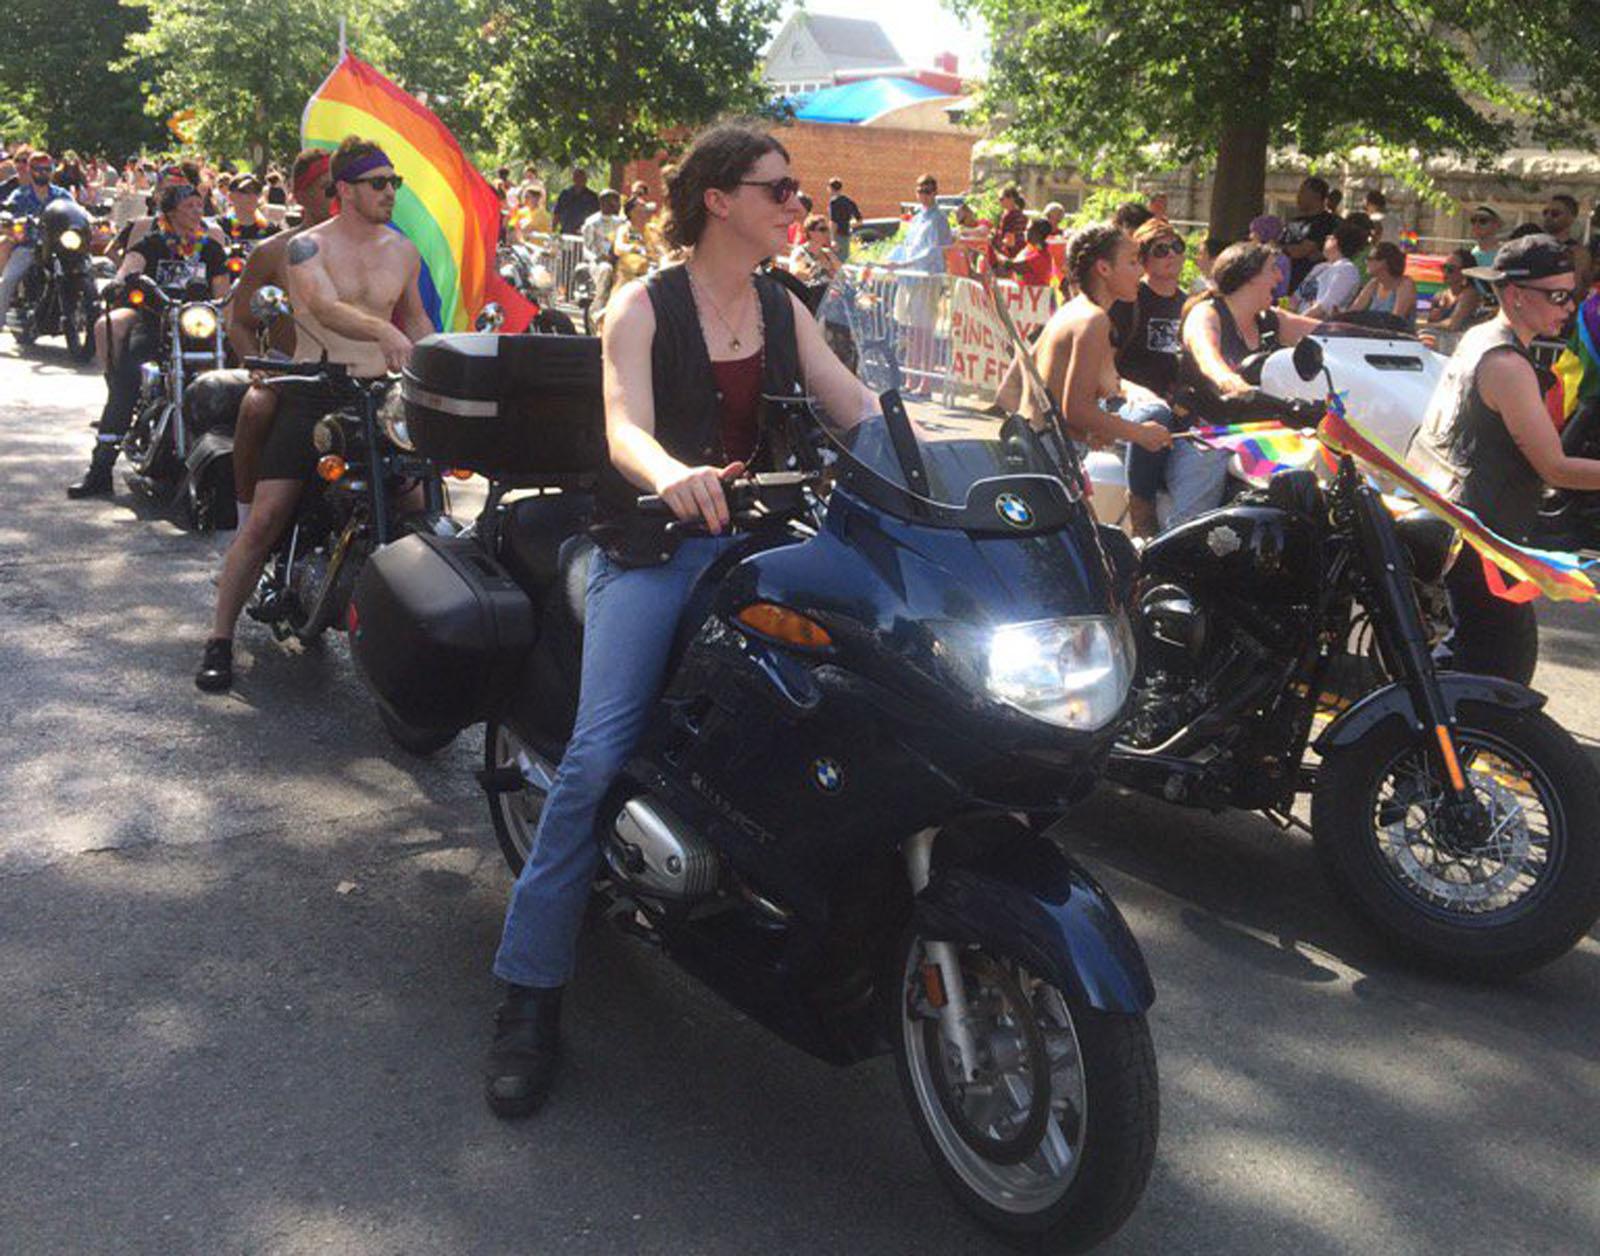 Photos: 2016 DC Pride Parade